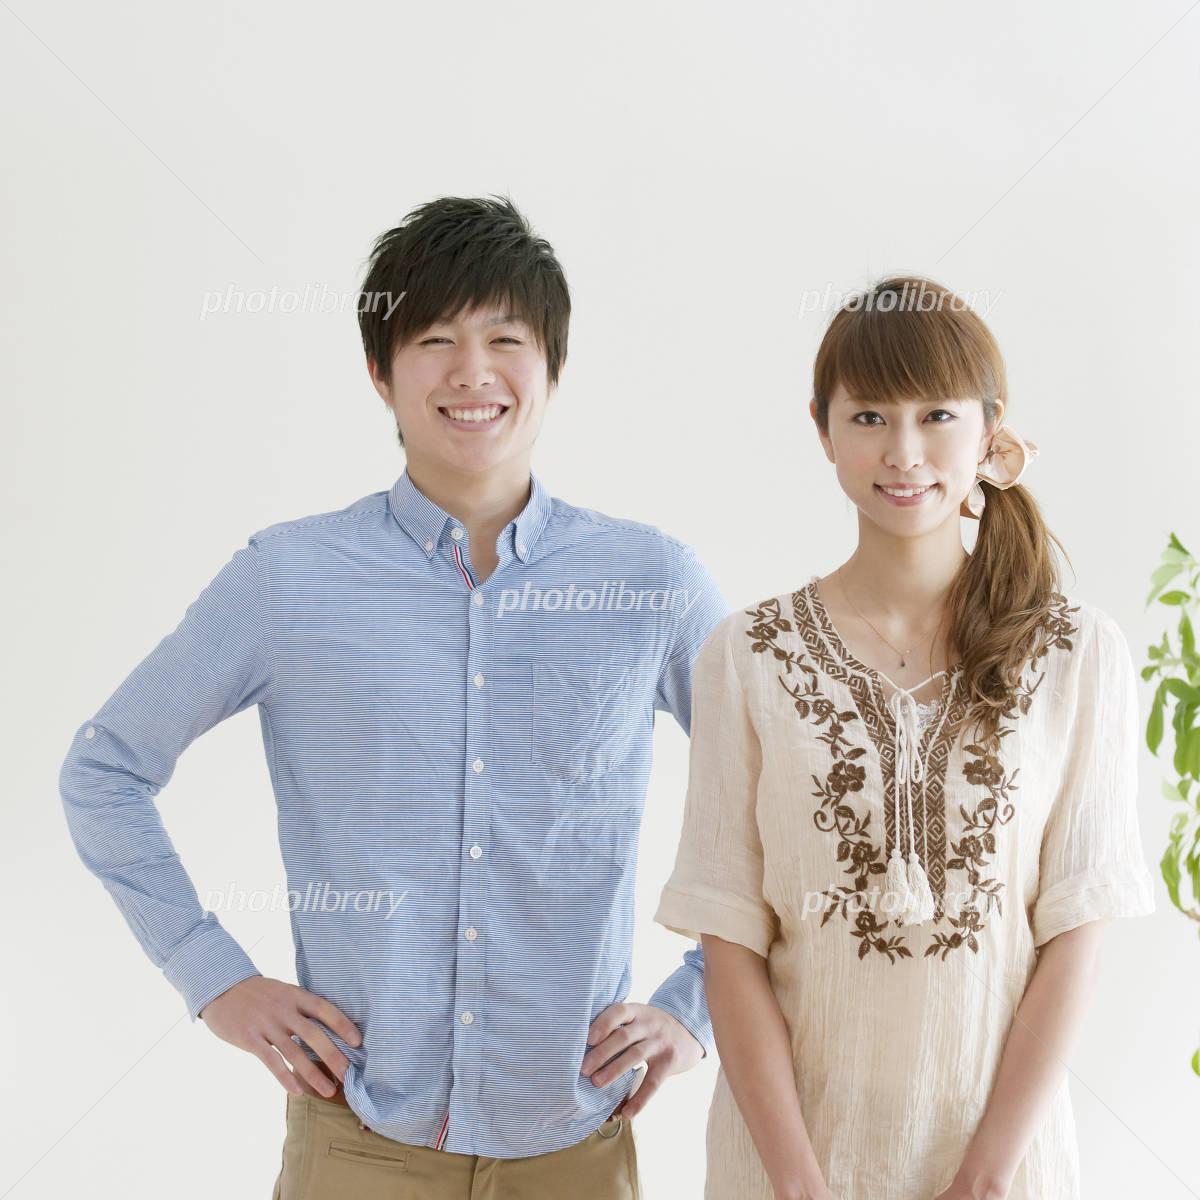 couple portrait smiling Photo